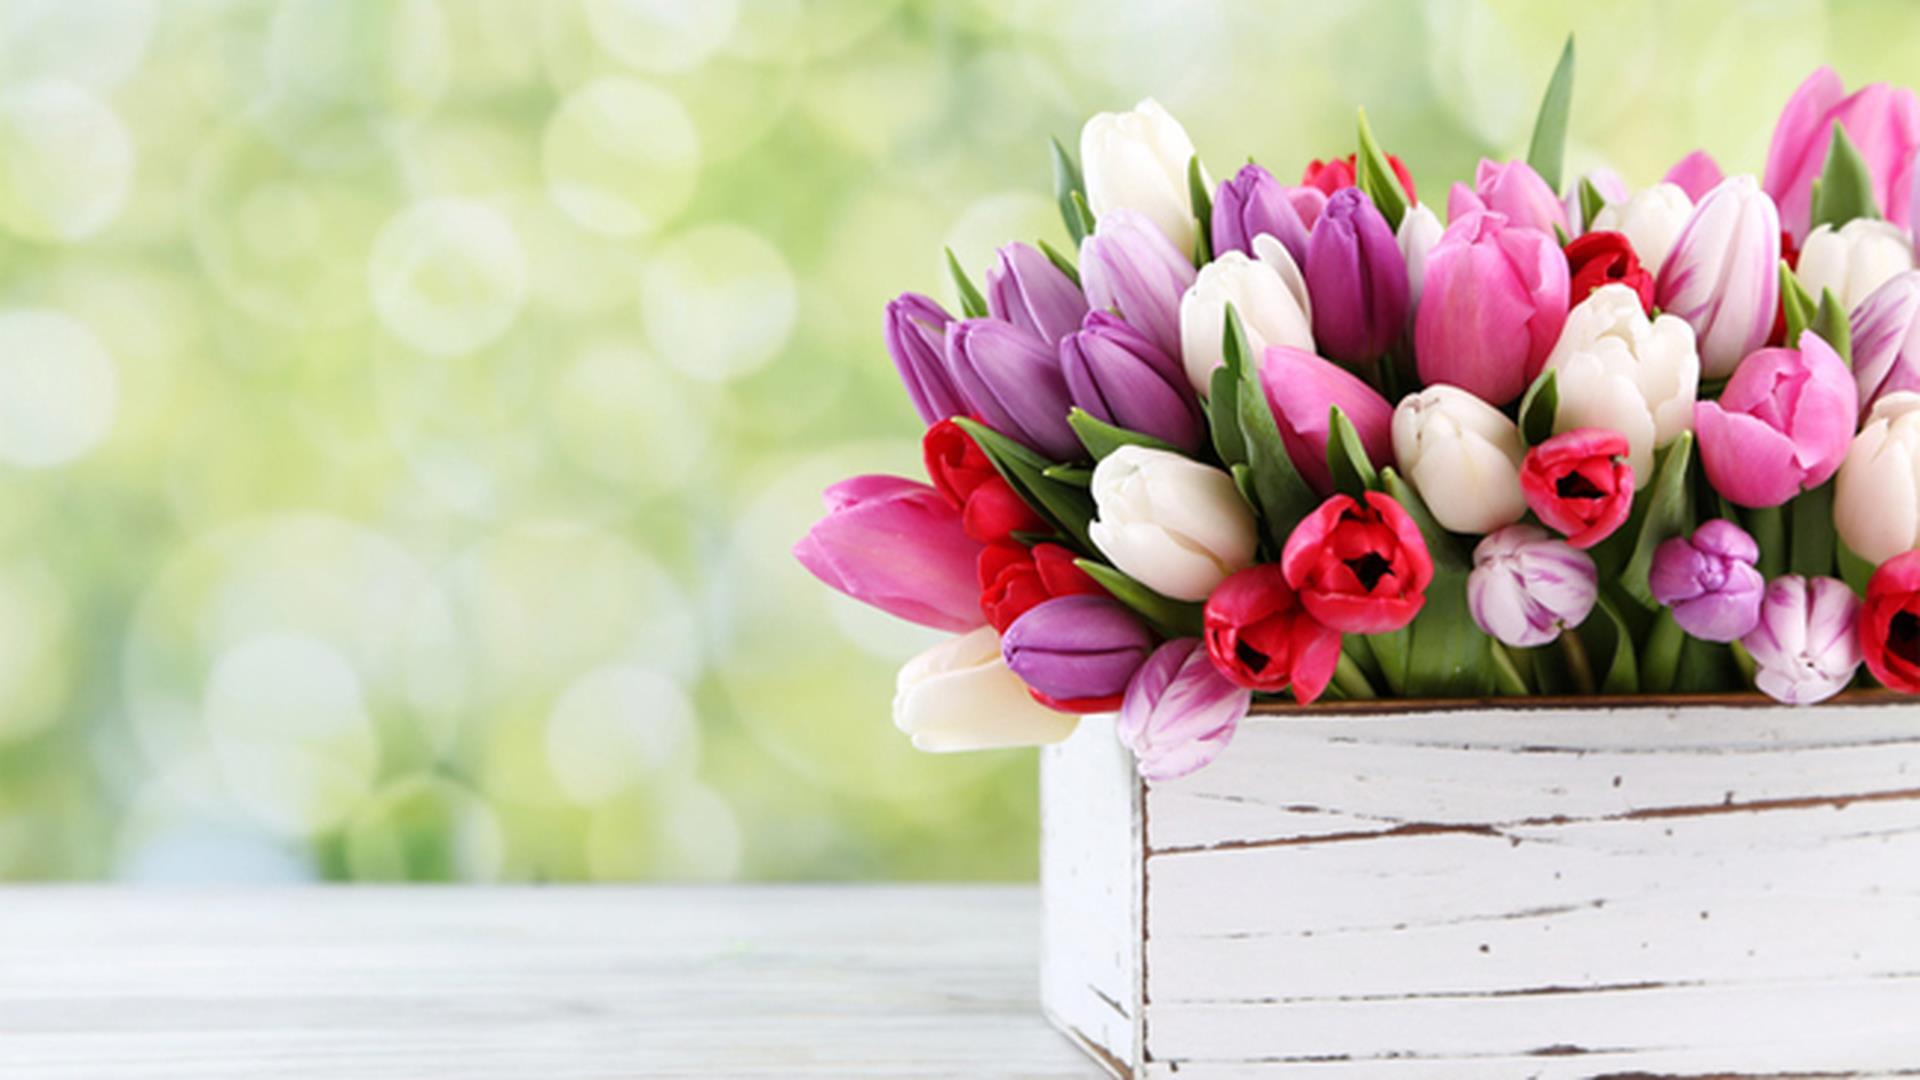 Scarica gratis immagini di fiori per il buongiorno, buonanotte e ...